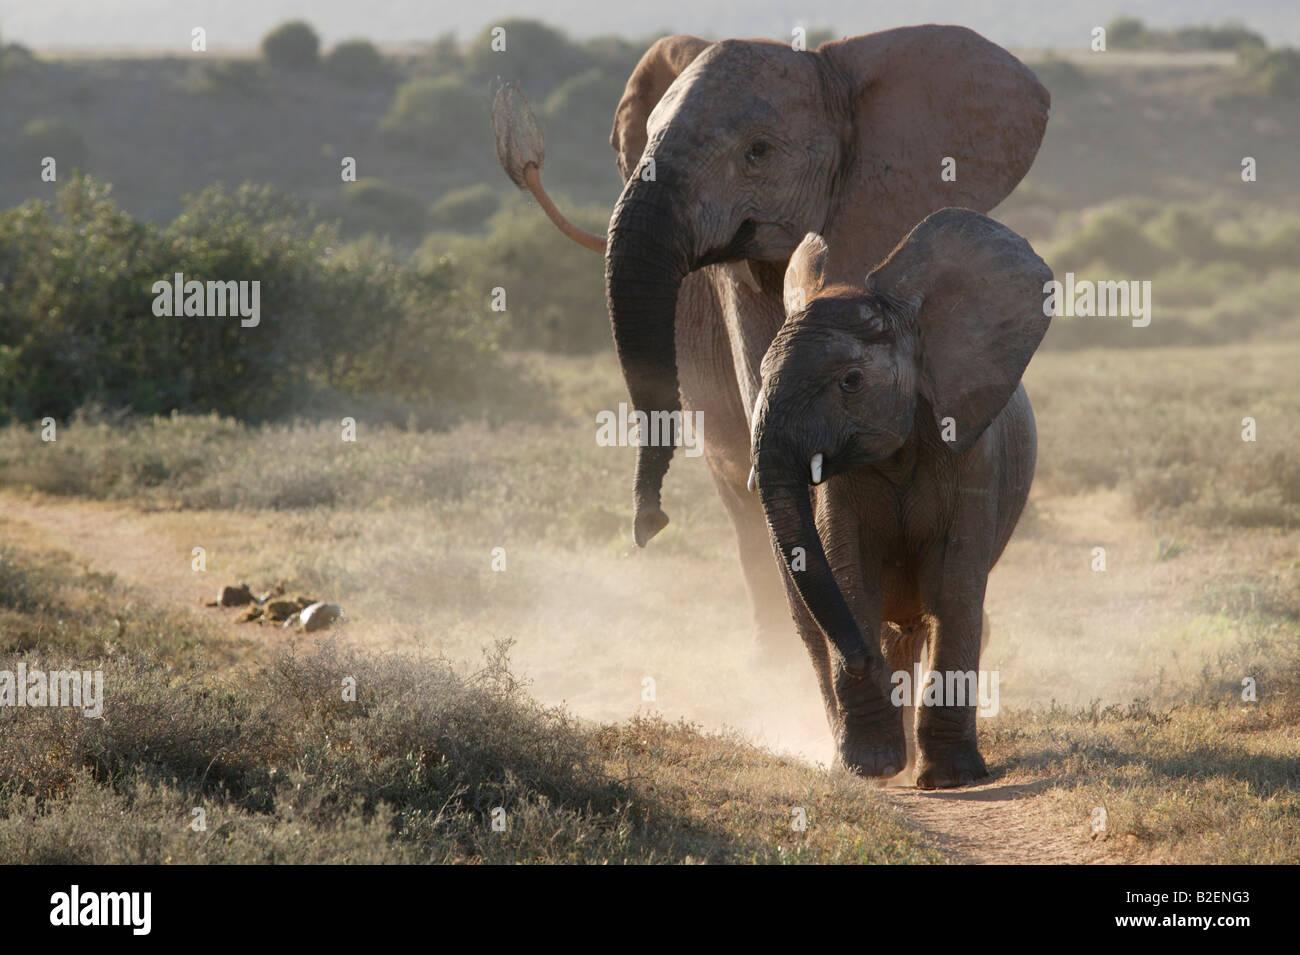 Une vue frontale de deux éléphants dans une pose agressive Photo Stock